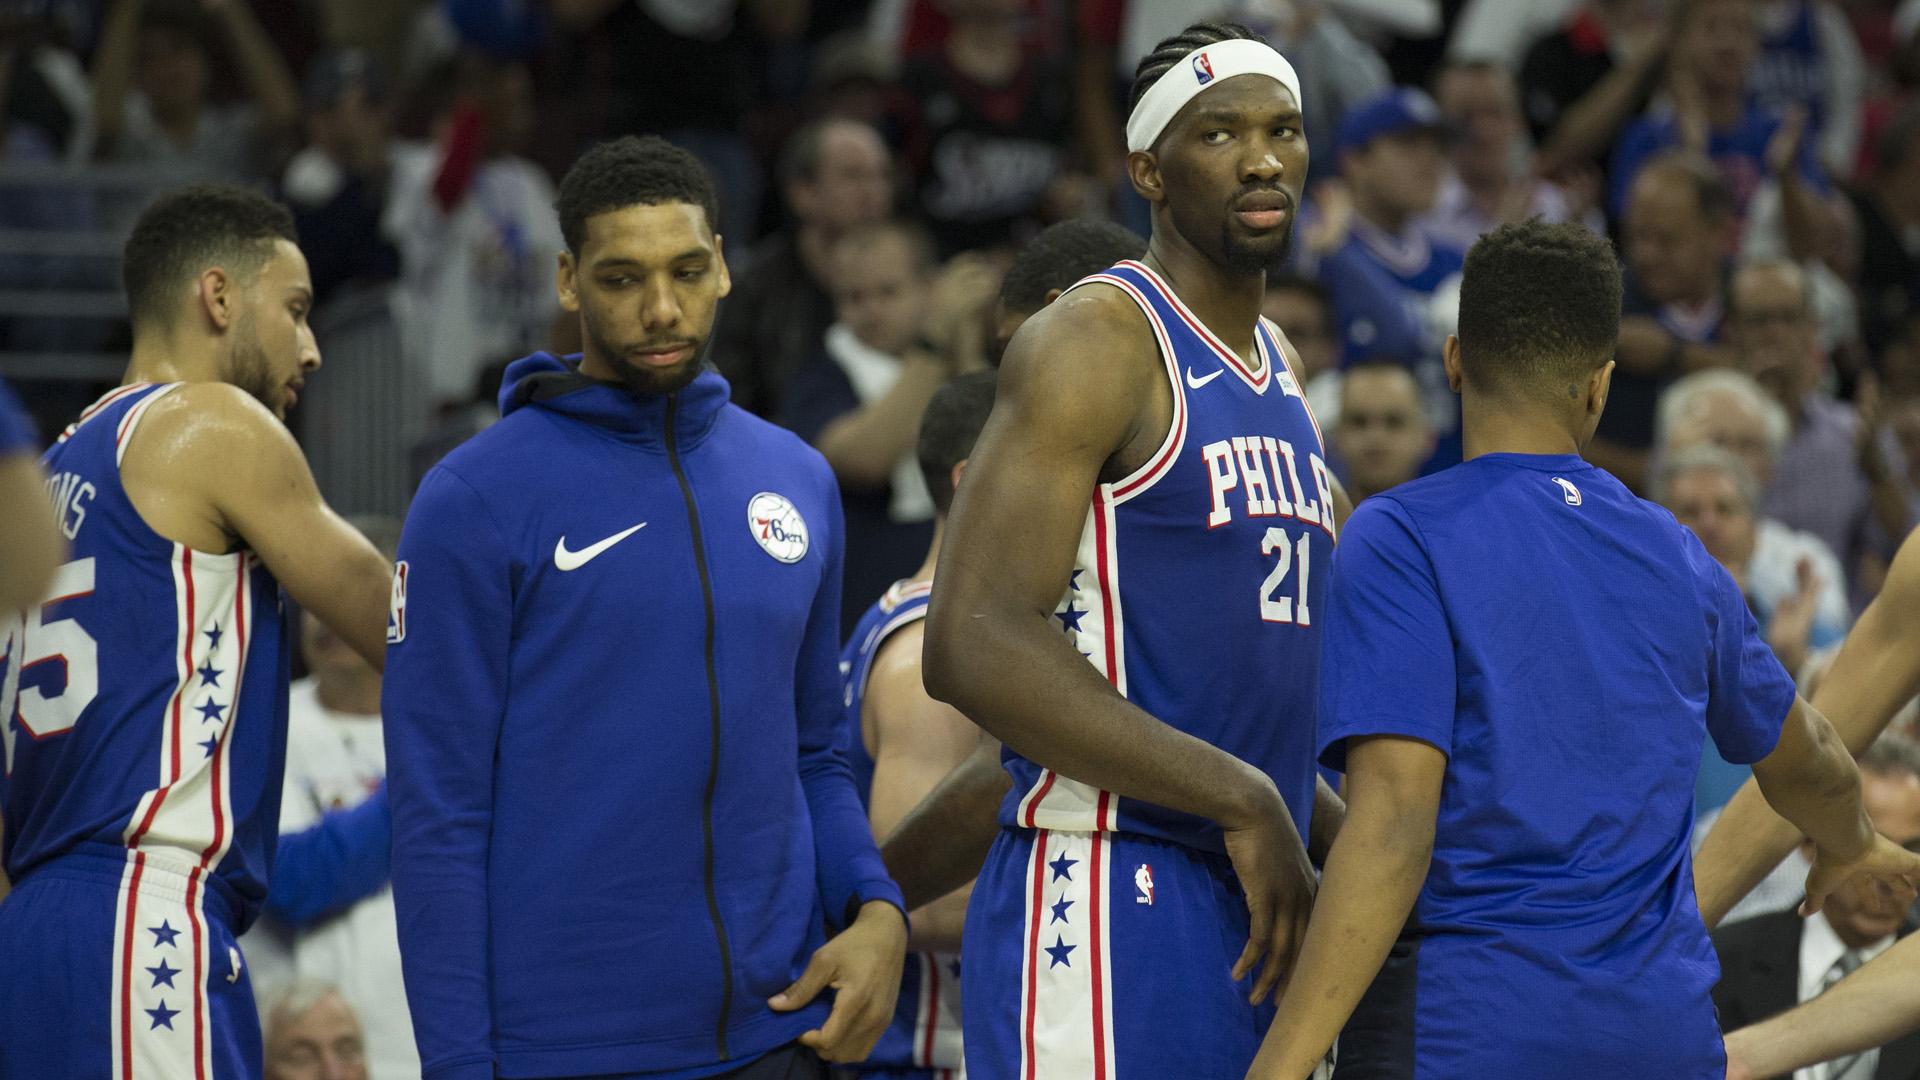 NBA trade rumors: 76ers still shopping center Jahlil Okafor